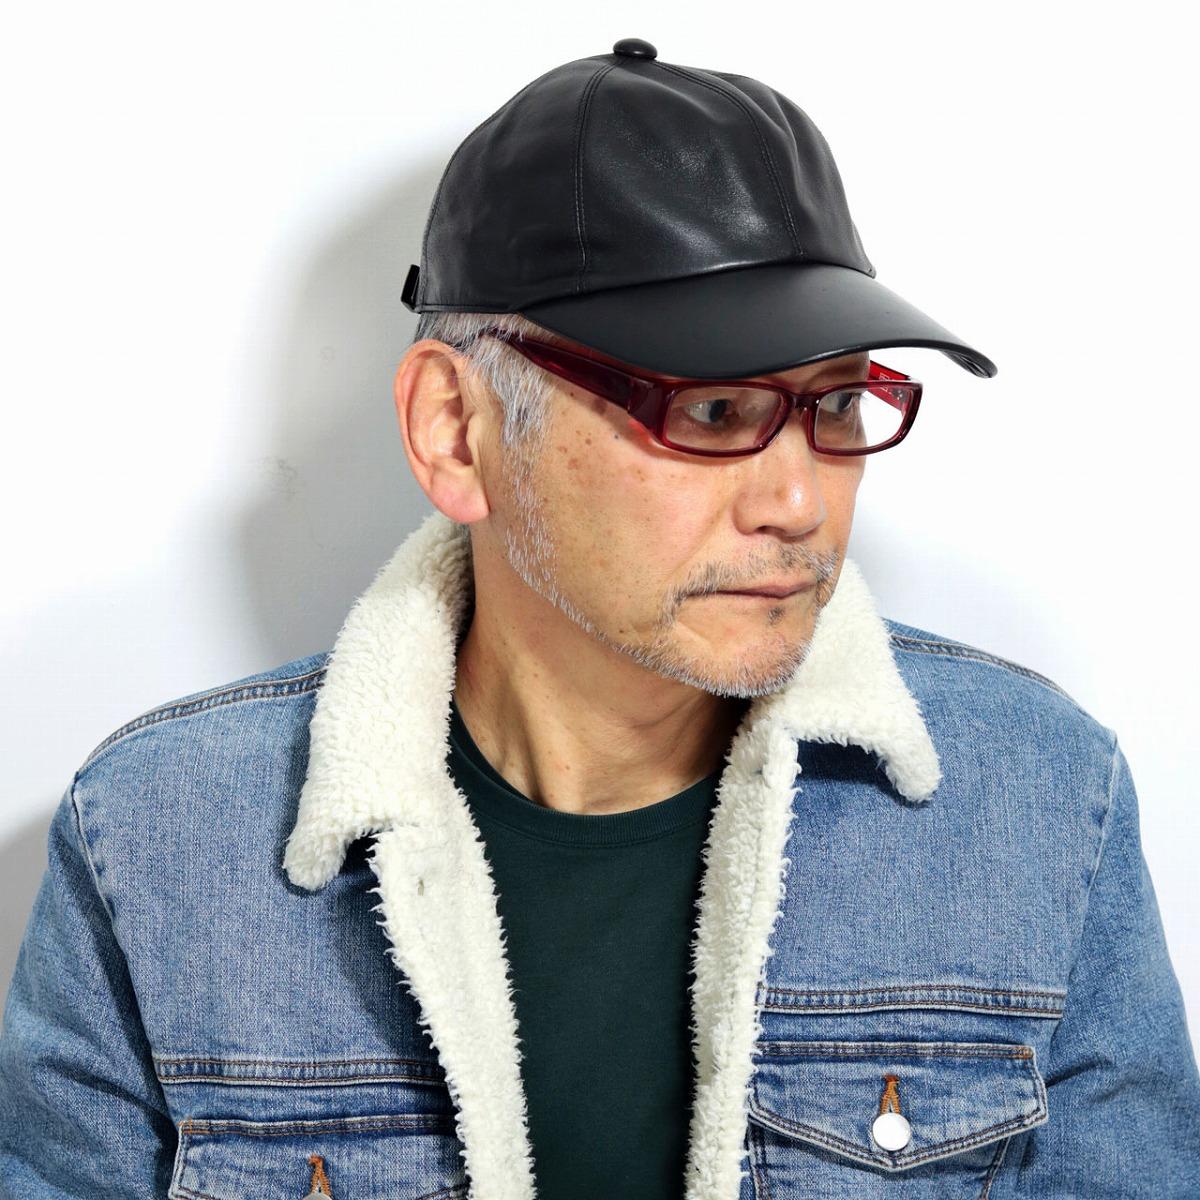 レザーキャップ ダックス 羊革 シープレザー 上質 キャップ 6パネル DAKS 帽子 メンズ オールシーズン シンプル 黒 リアルレザー 日本製 野球帽 本革 かぶりやすい ブラック[ cap ]送料無料 男性 誕生日 帽子 父の日 ギフト プレゼント